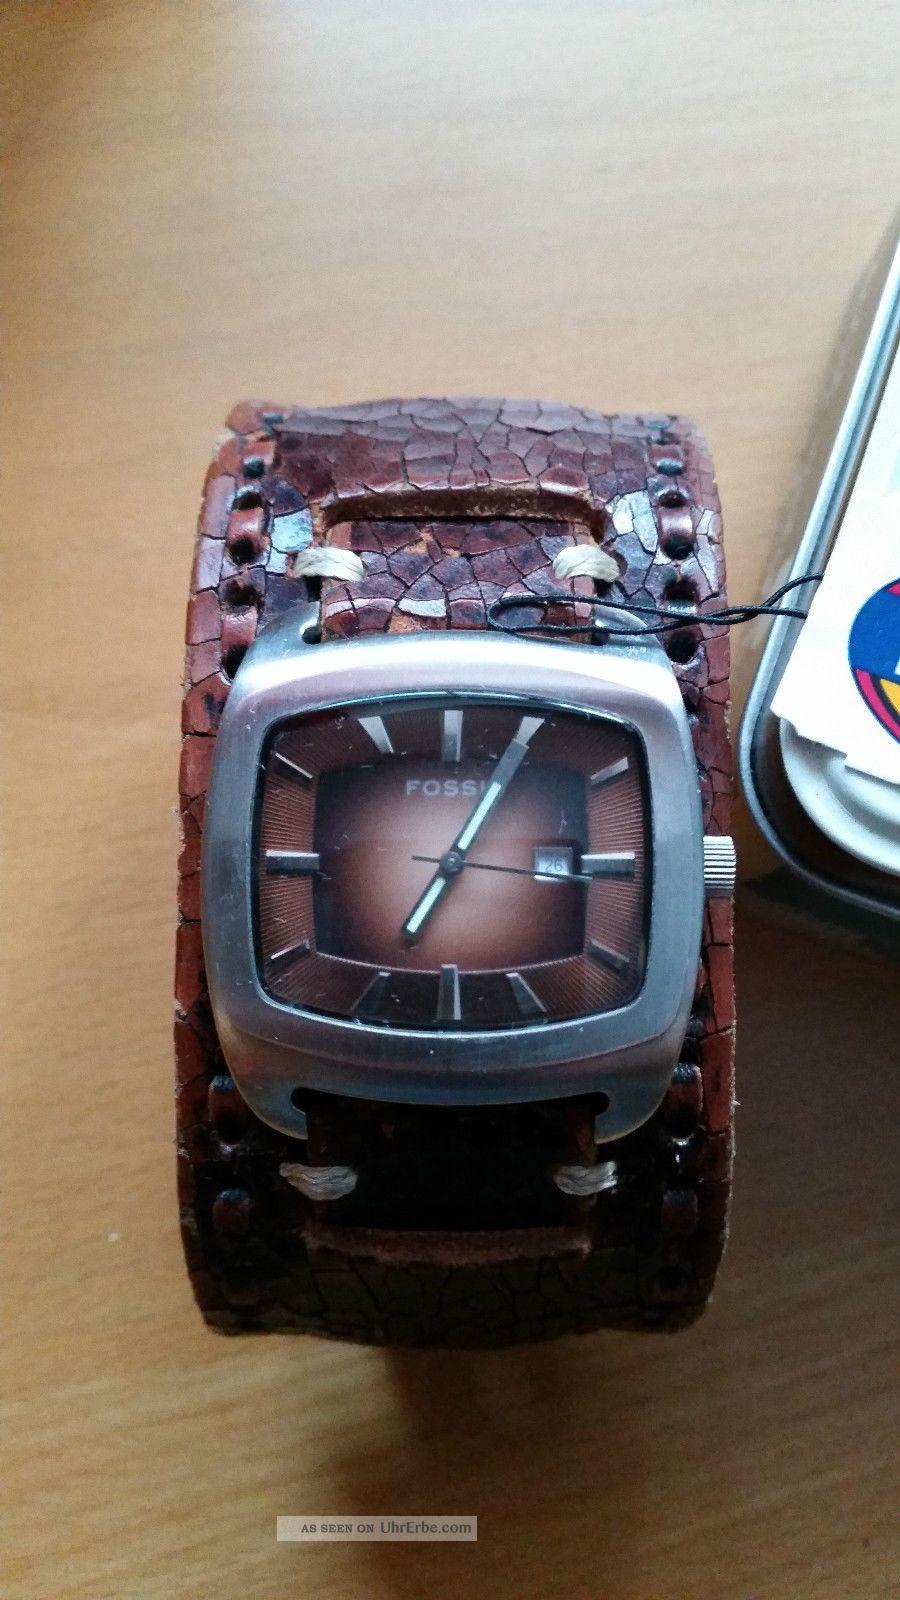 Fossil Herrenuhr Lederband Armbanduhr Jr 8985 Braun Top Mit Ovp Armbanduhren Bild